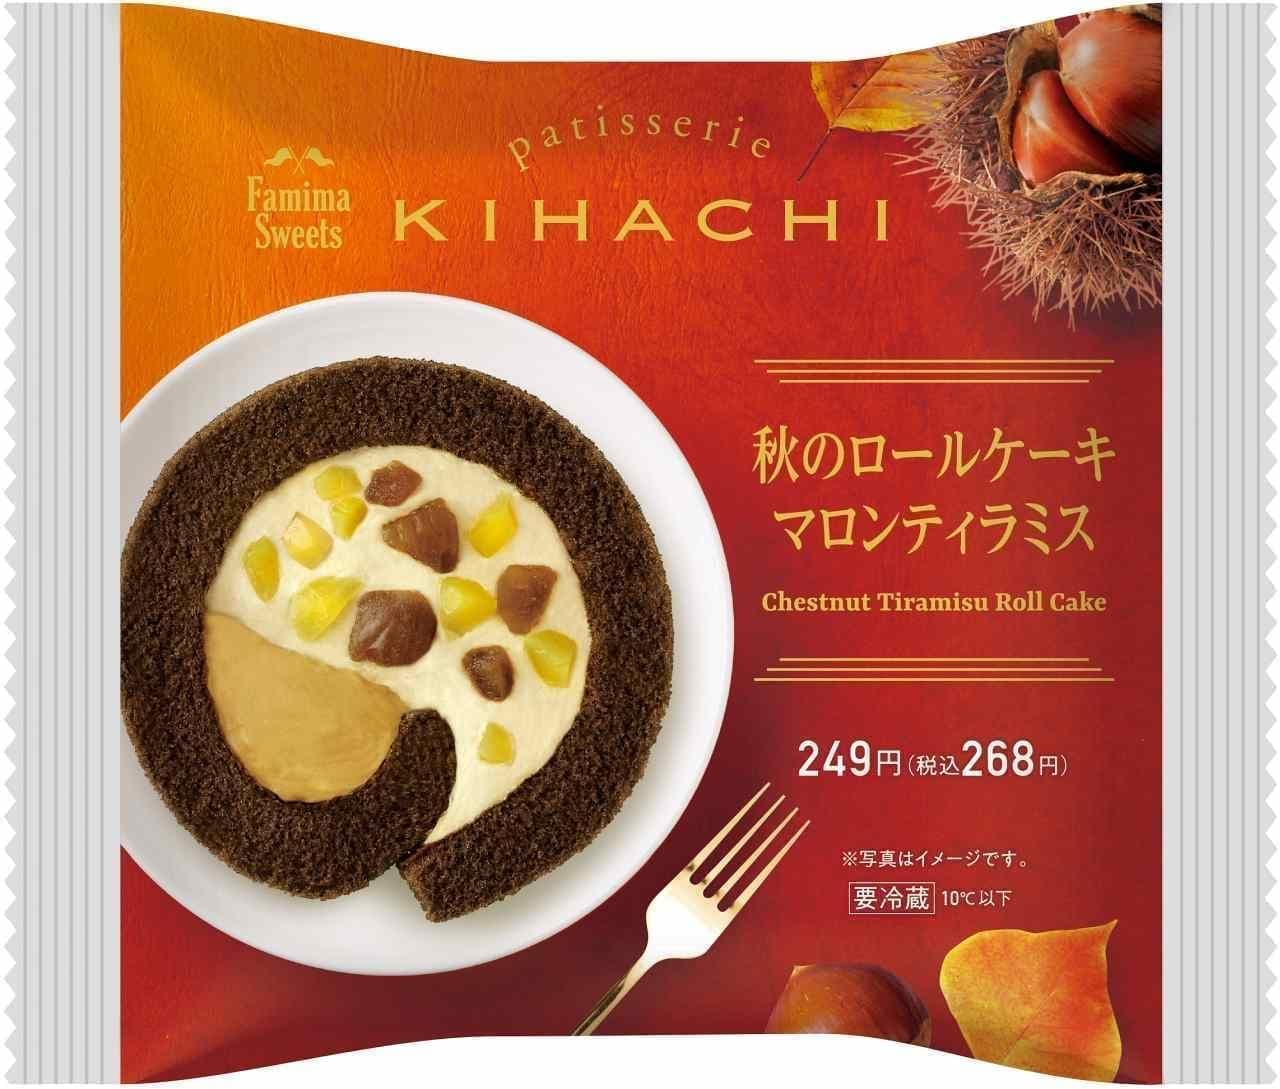 ファミリーマート「patisserie KIHACHI 監修 秋のロールケーキ マロンティラミス」